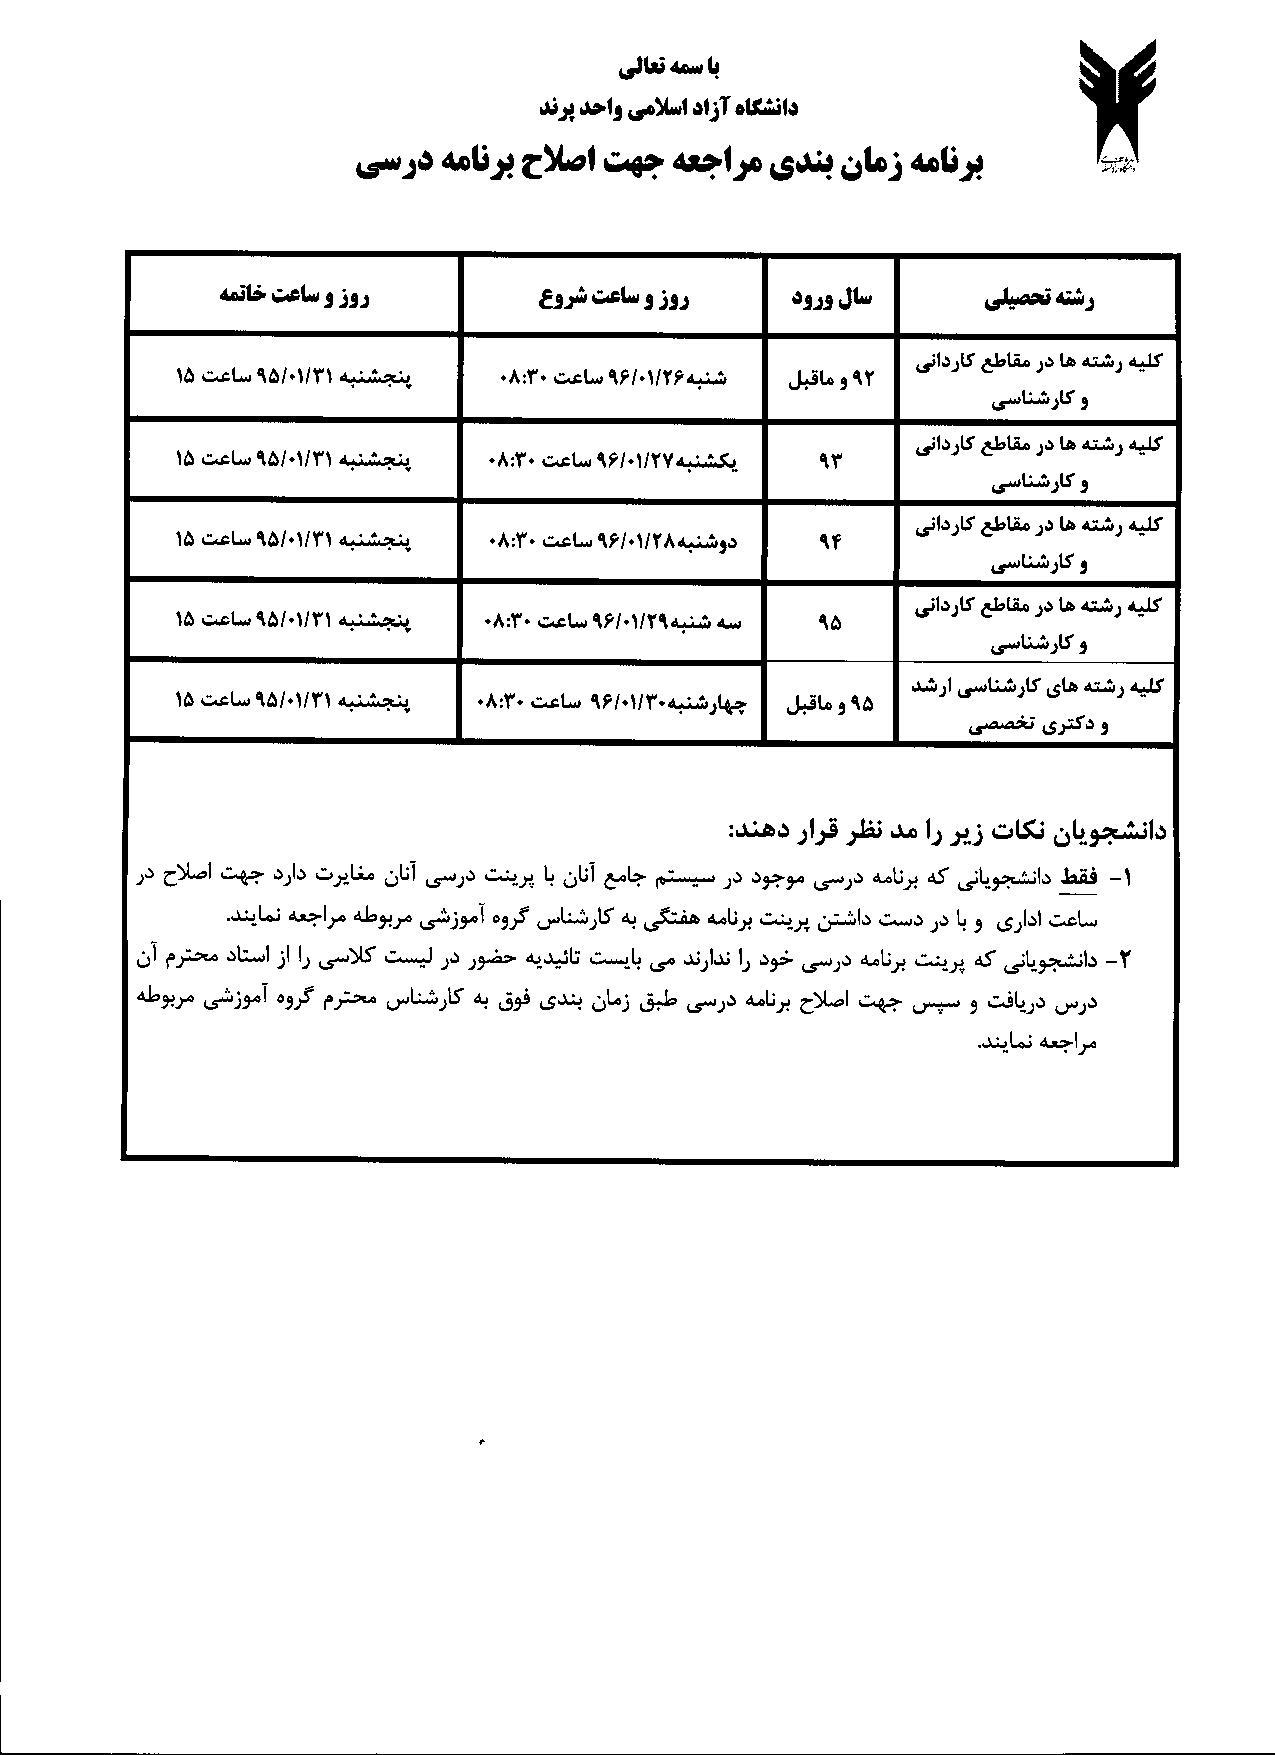 برنامه زمانبندی جهت اصلاح برنامه هفتگی